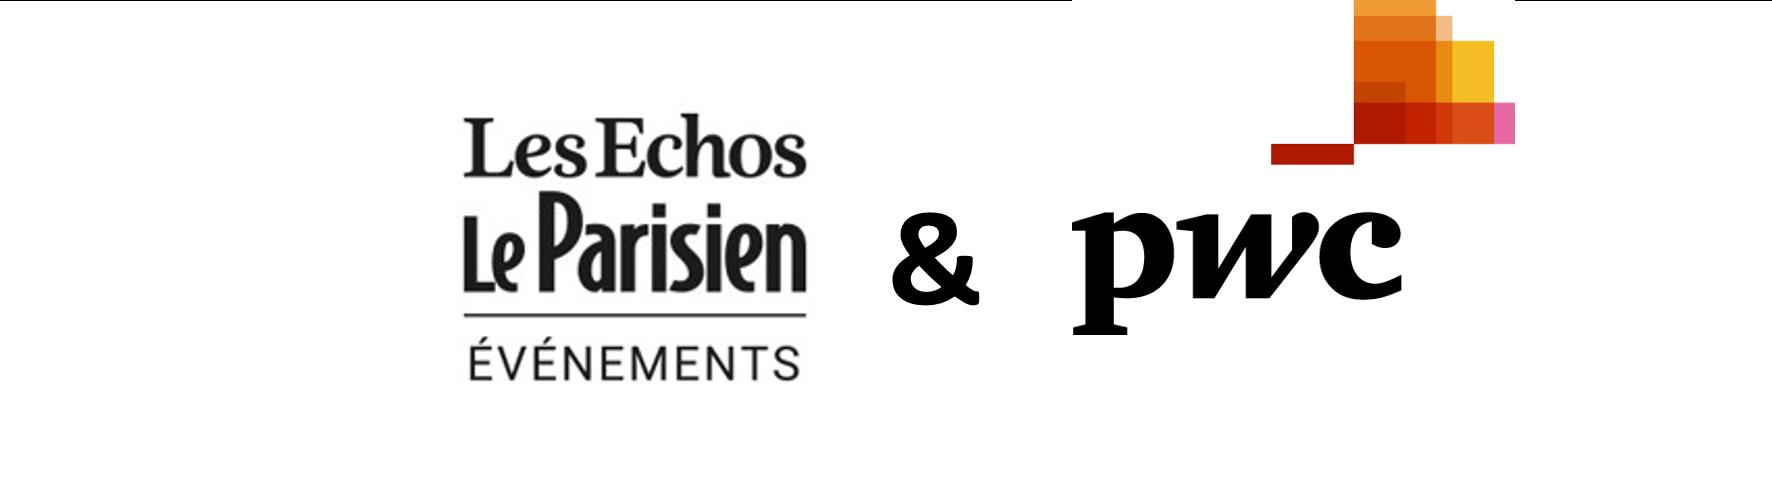 Formation Arrêté des comptes 2021 - PwC / Les Echos